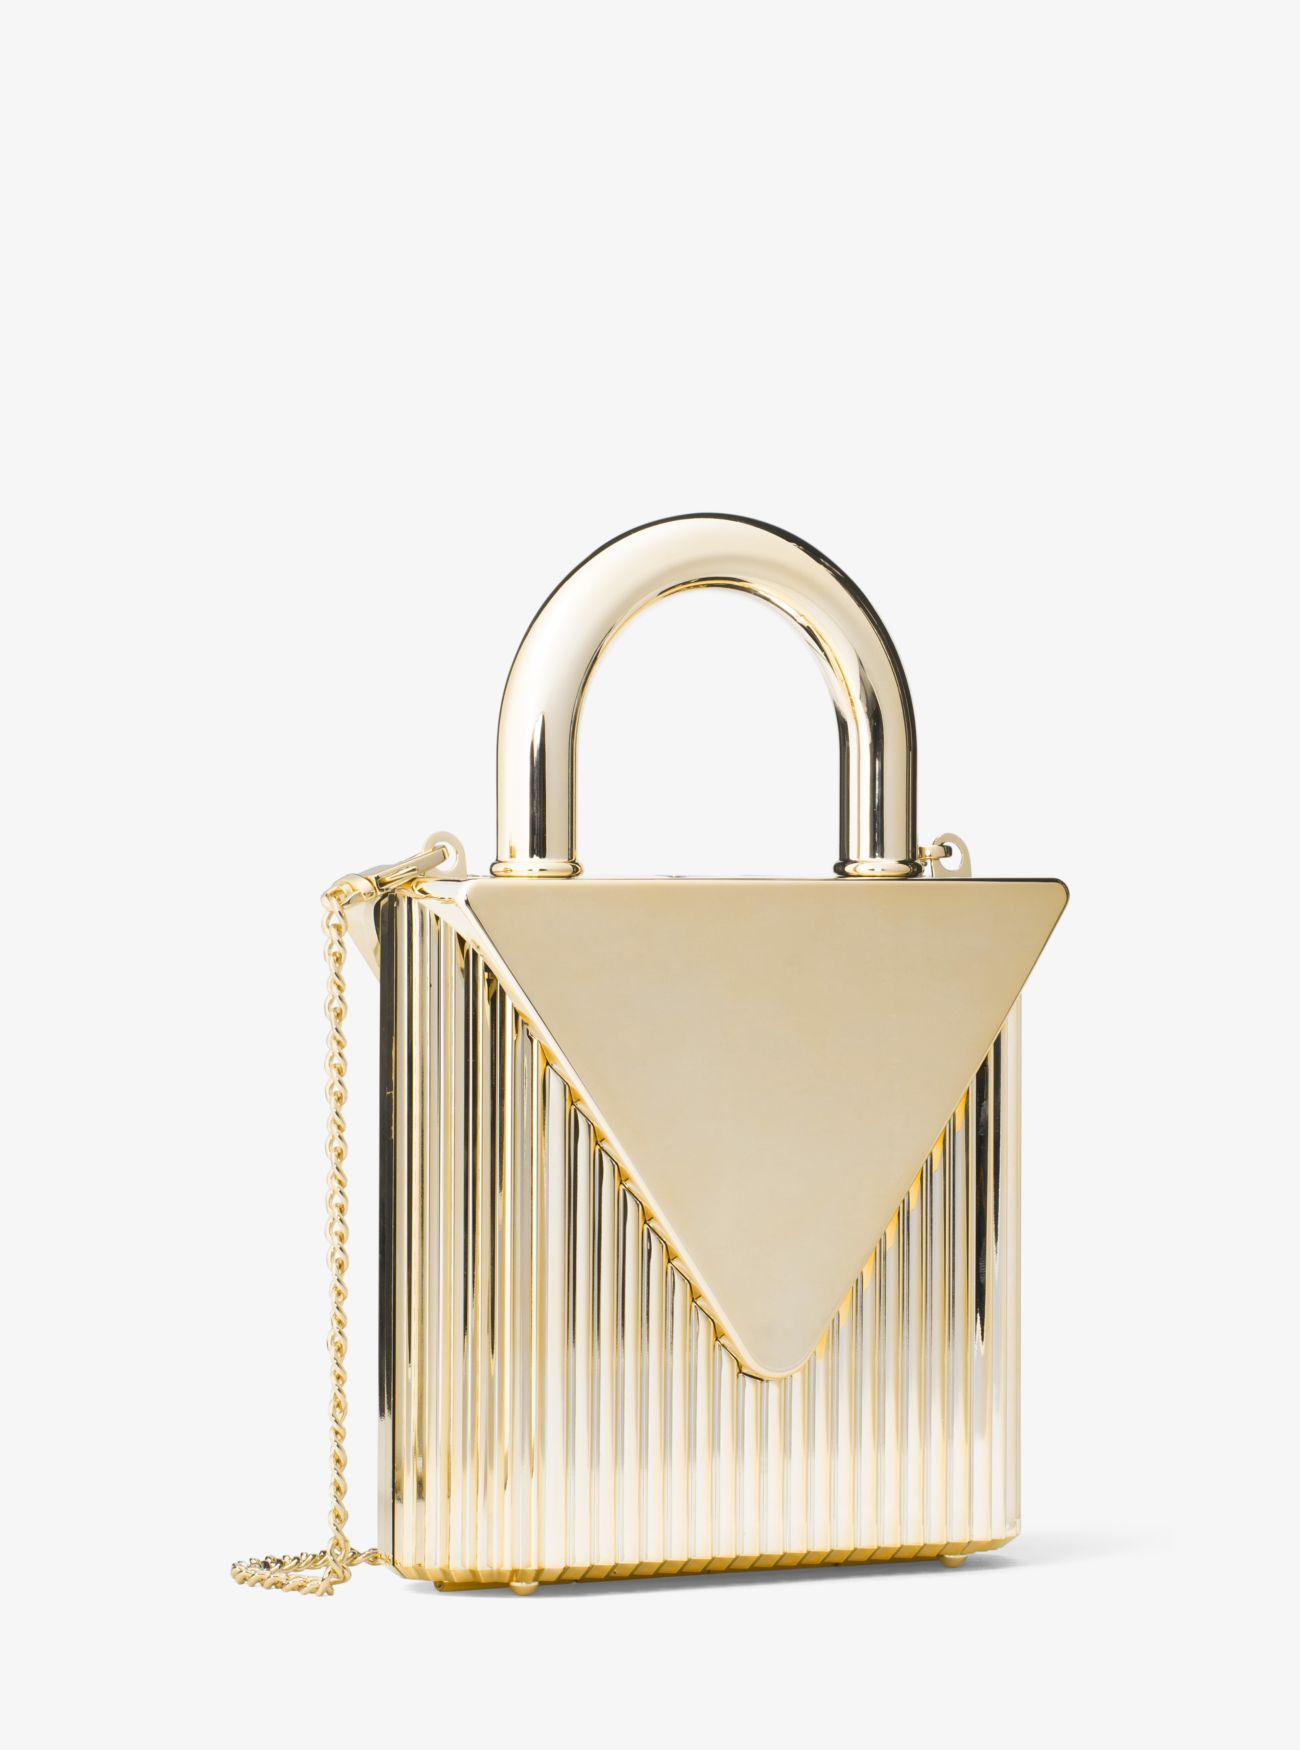 40f71505884b4b Michael Kors Mercer Lock Clutch in Metallic - Lyst